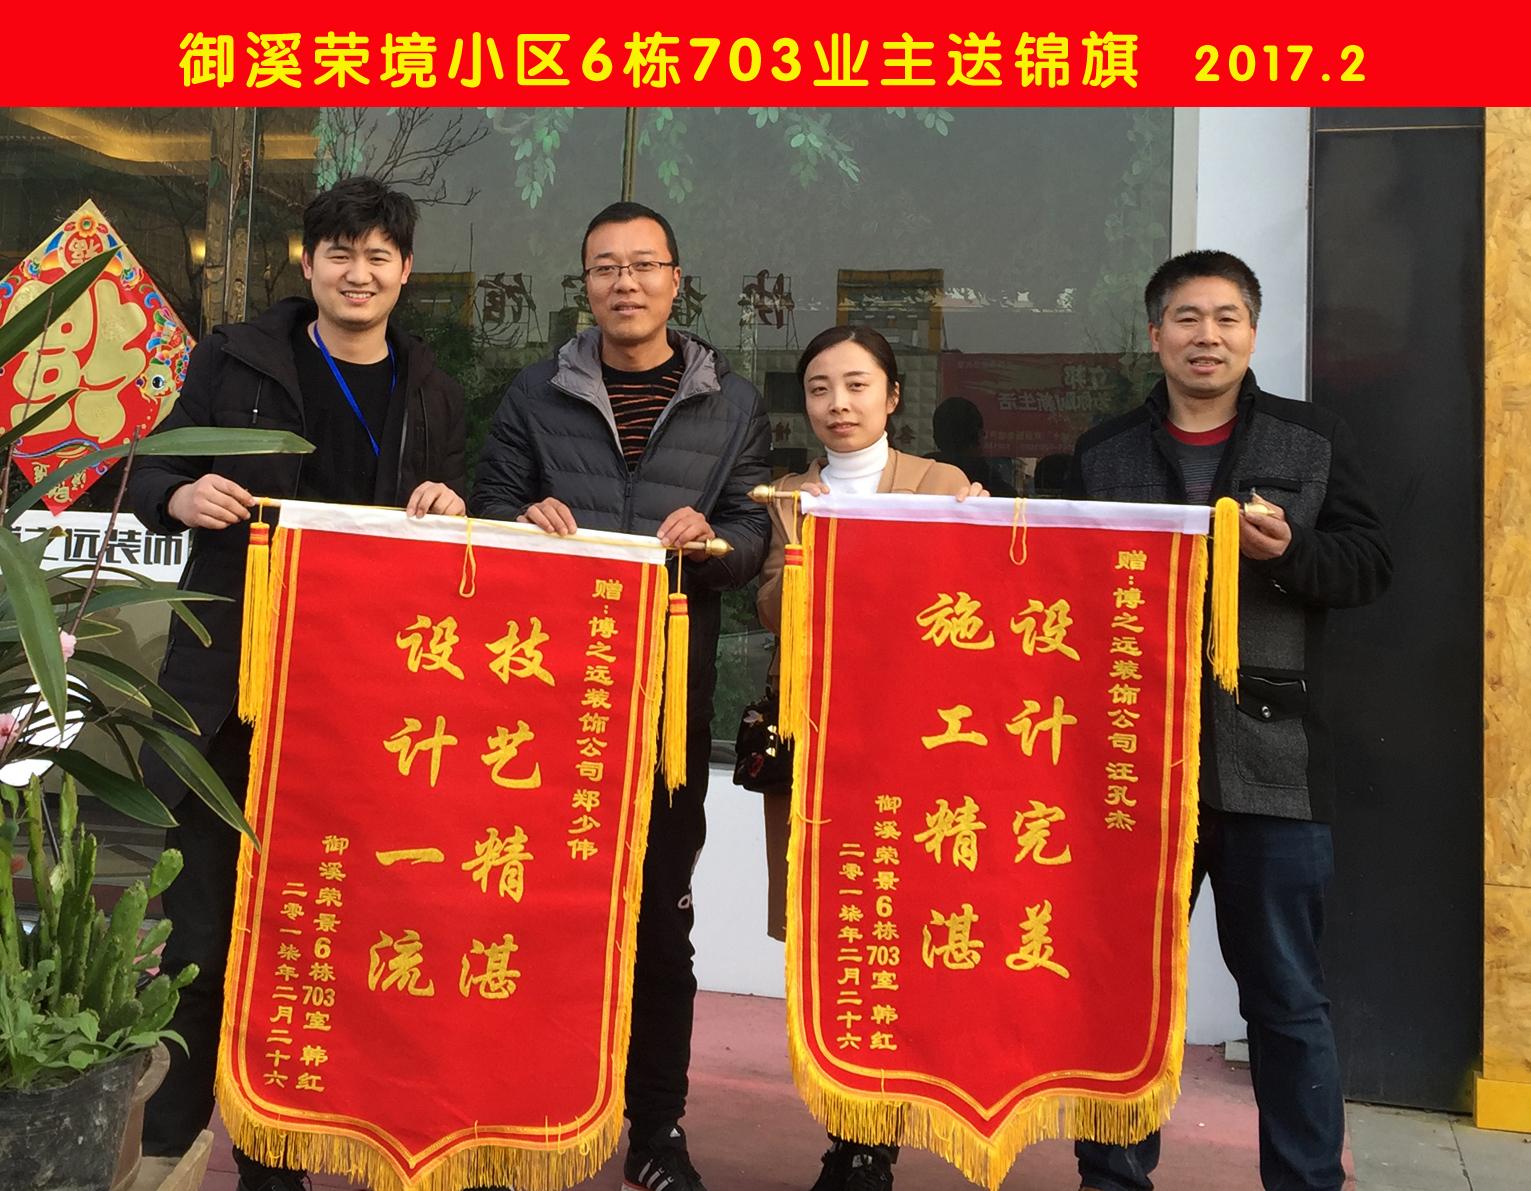 御美荣境小区6栋703业主送锦旗201602251.jpg